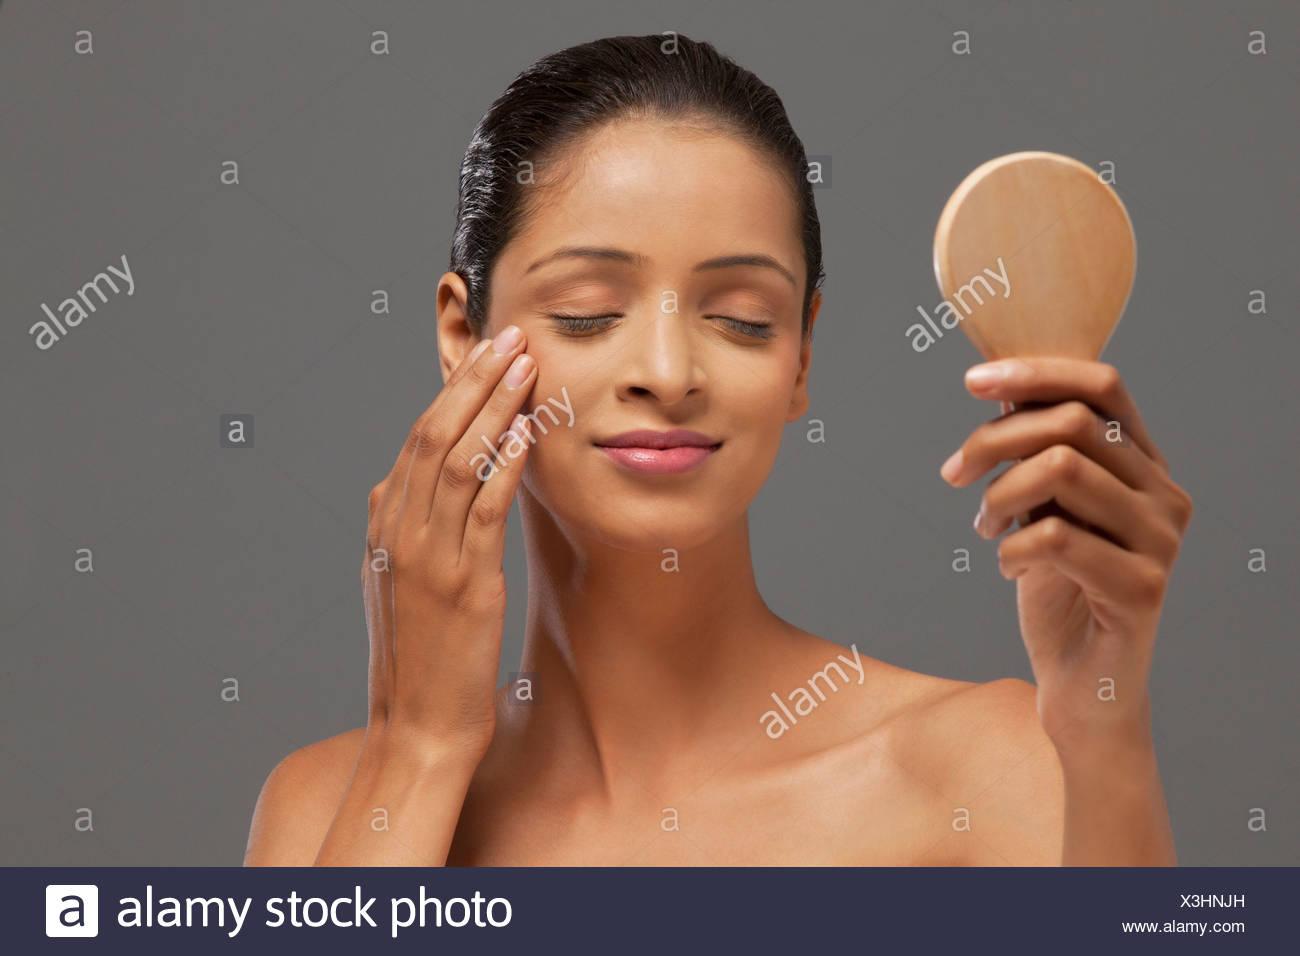 Giovane donna con gli occhi chiusi tenendo lo specchio a mano Immagini Stock